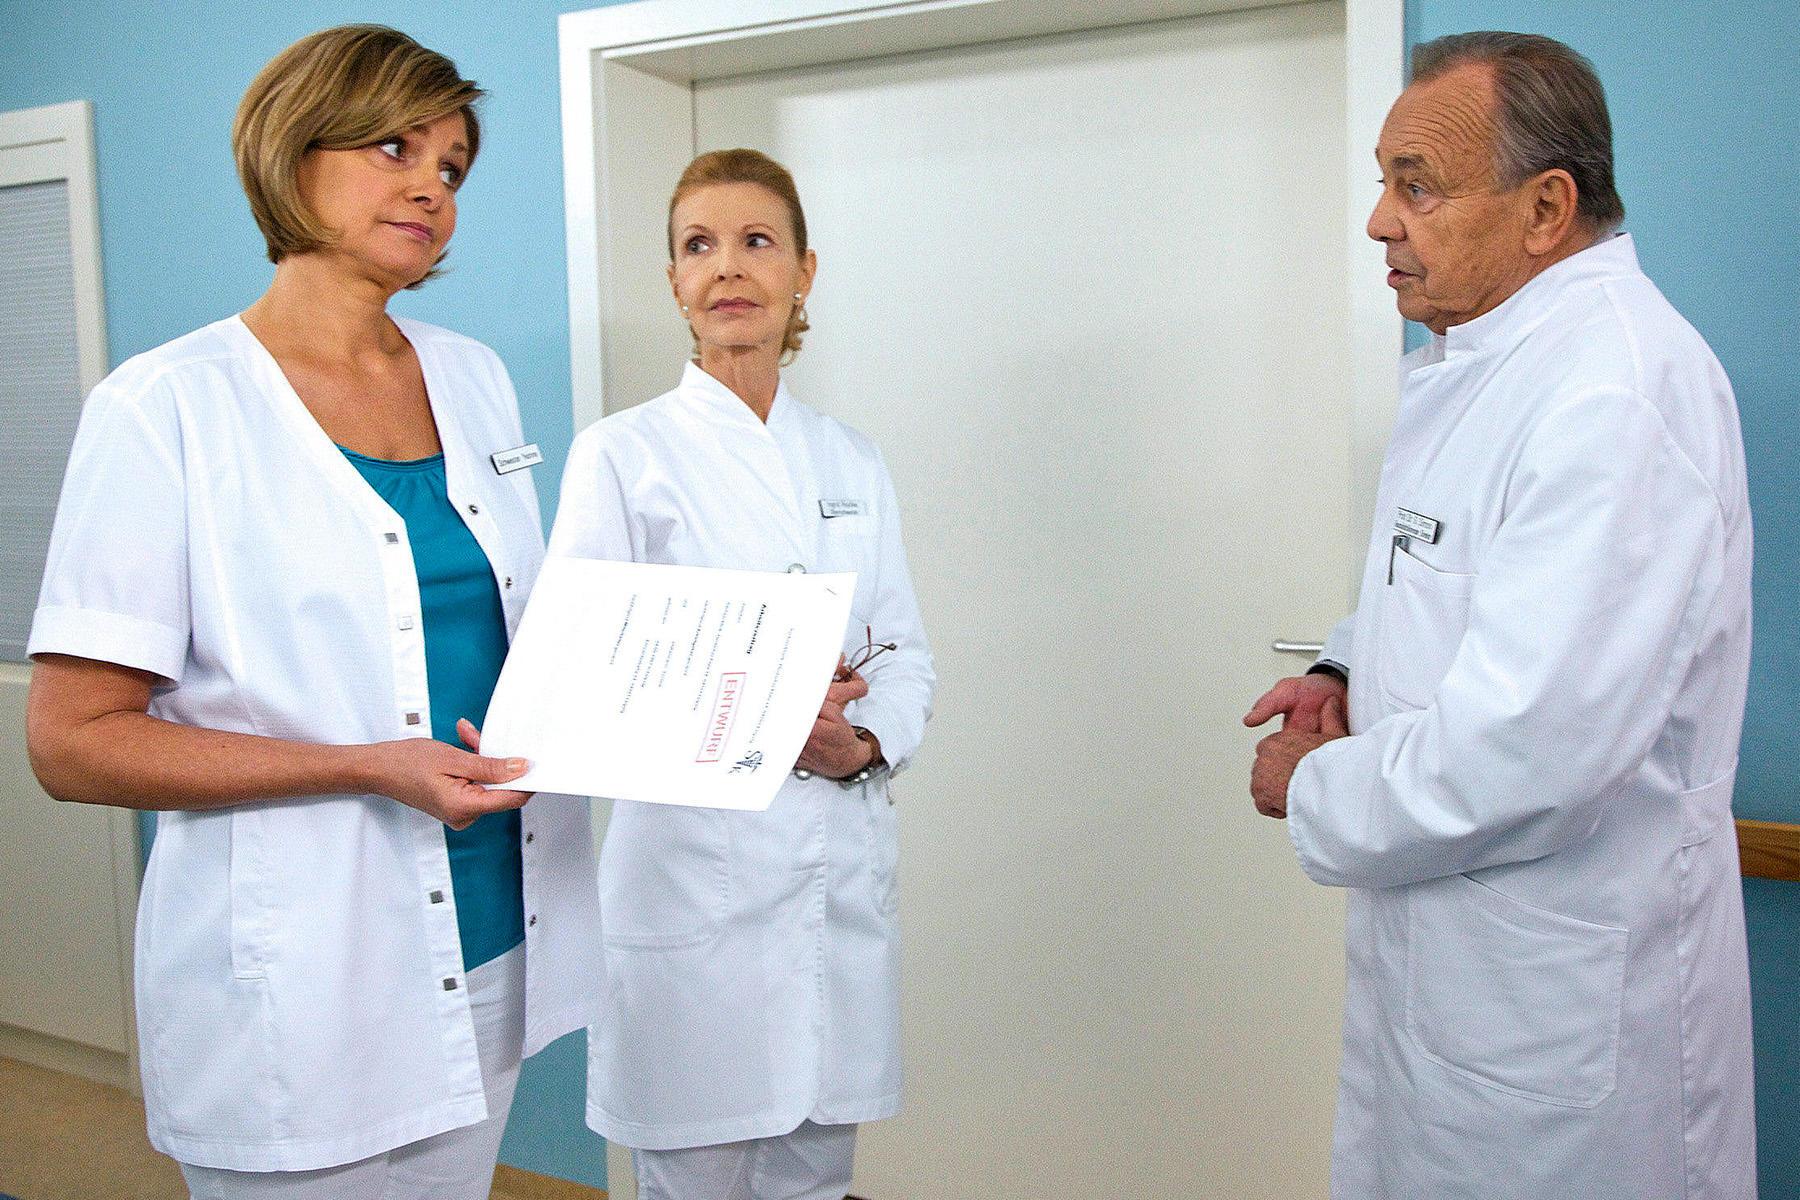 """Maren Gilzer als """"Schwester Yvonne"""" mit Jutta Kammann (""""Oberschwester Ingrid"""") und Dieter Bellmann (""""Professor Simoni"""")."""